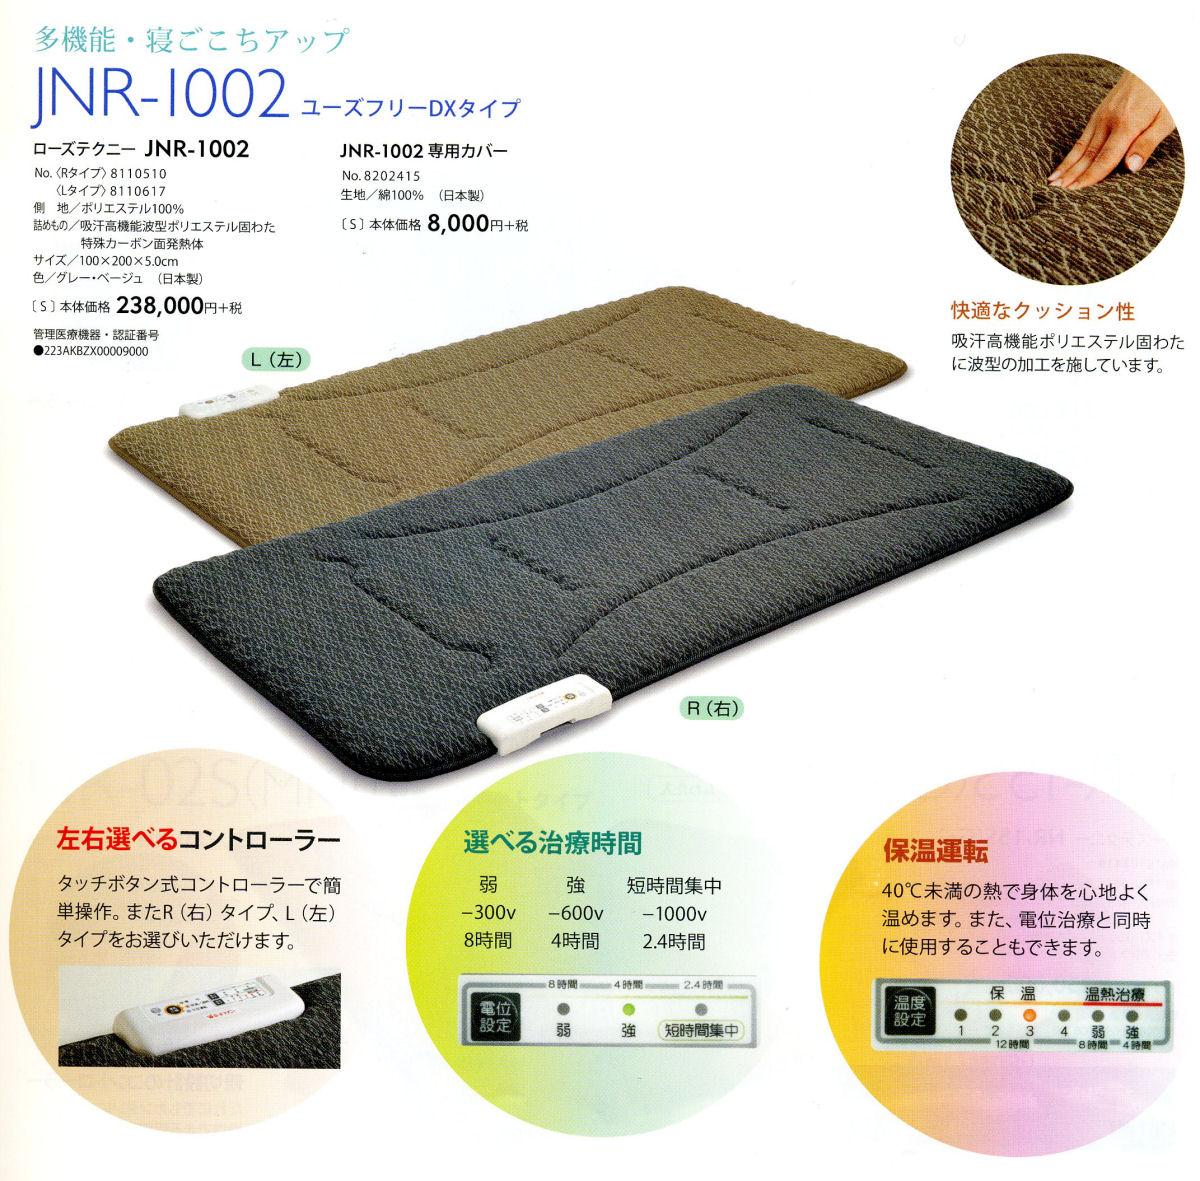 ※【送料無料】京都西川ローズテクニーJNR-1002デラックスタイプカード分割